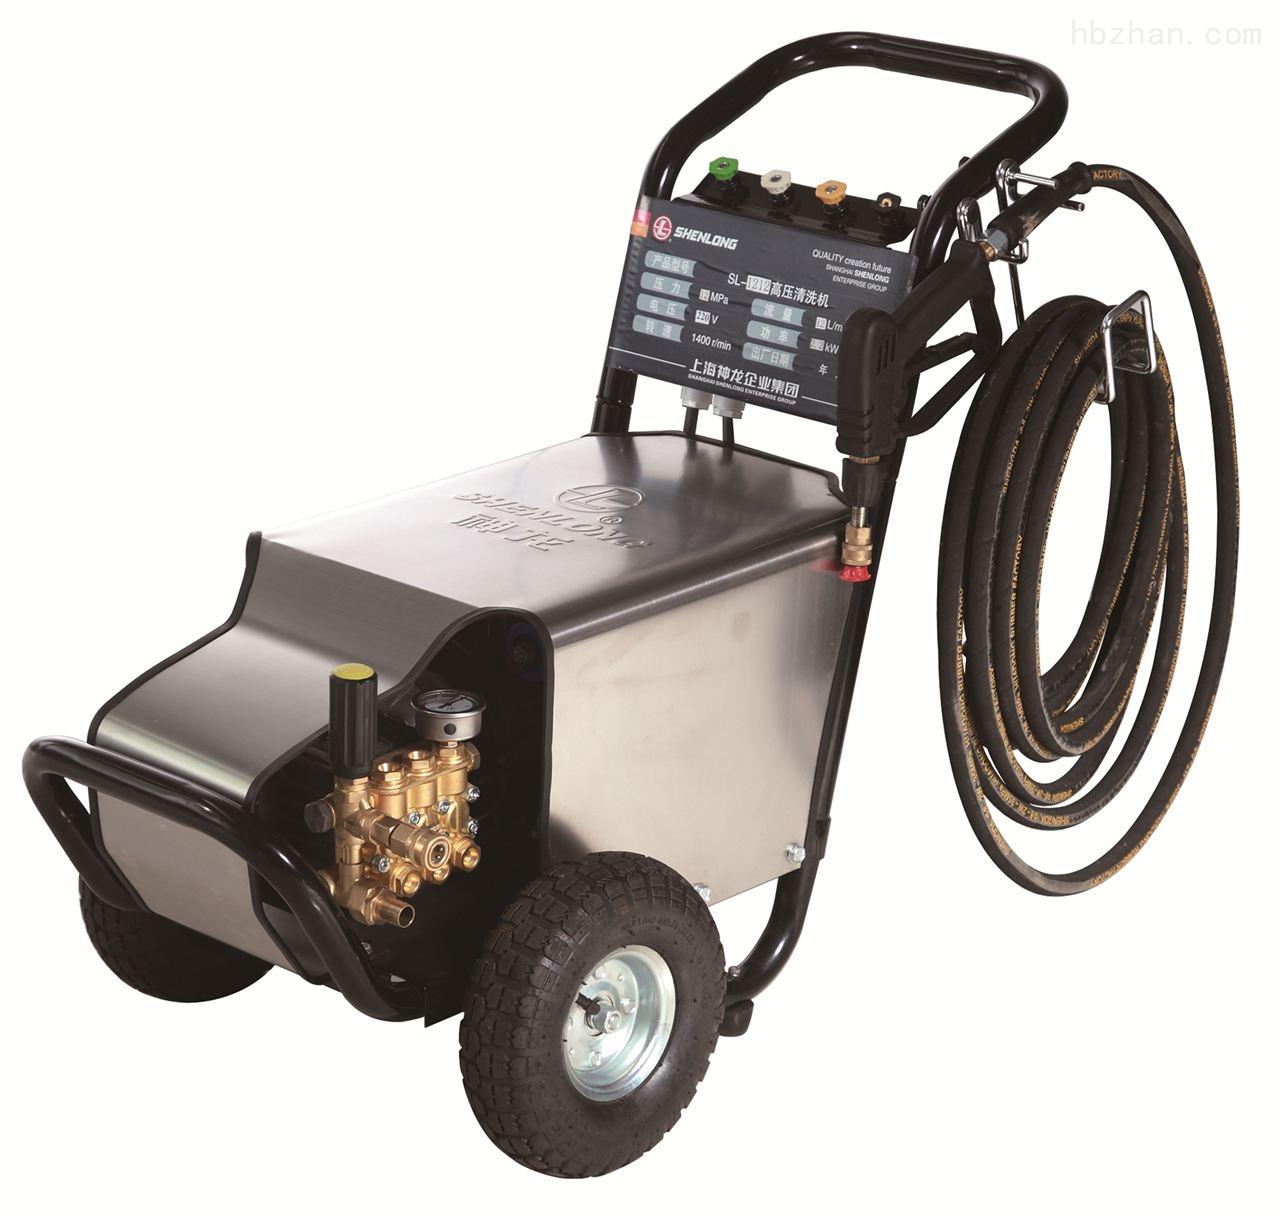 上海神龙gk-1212高压洗车器洗车清洗机